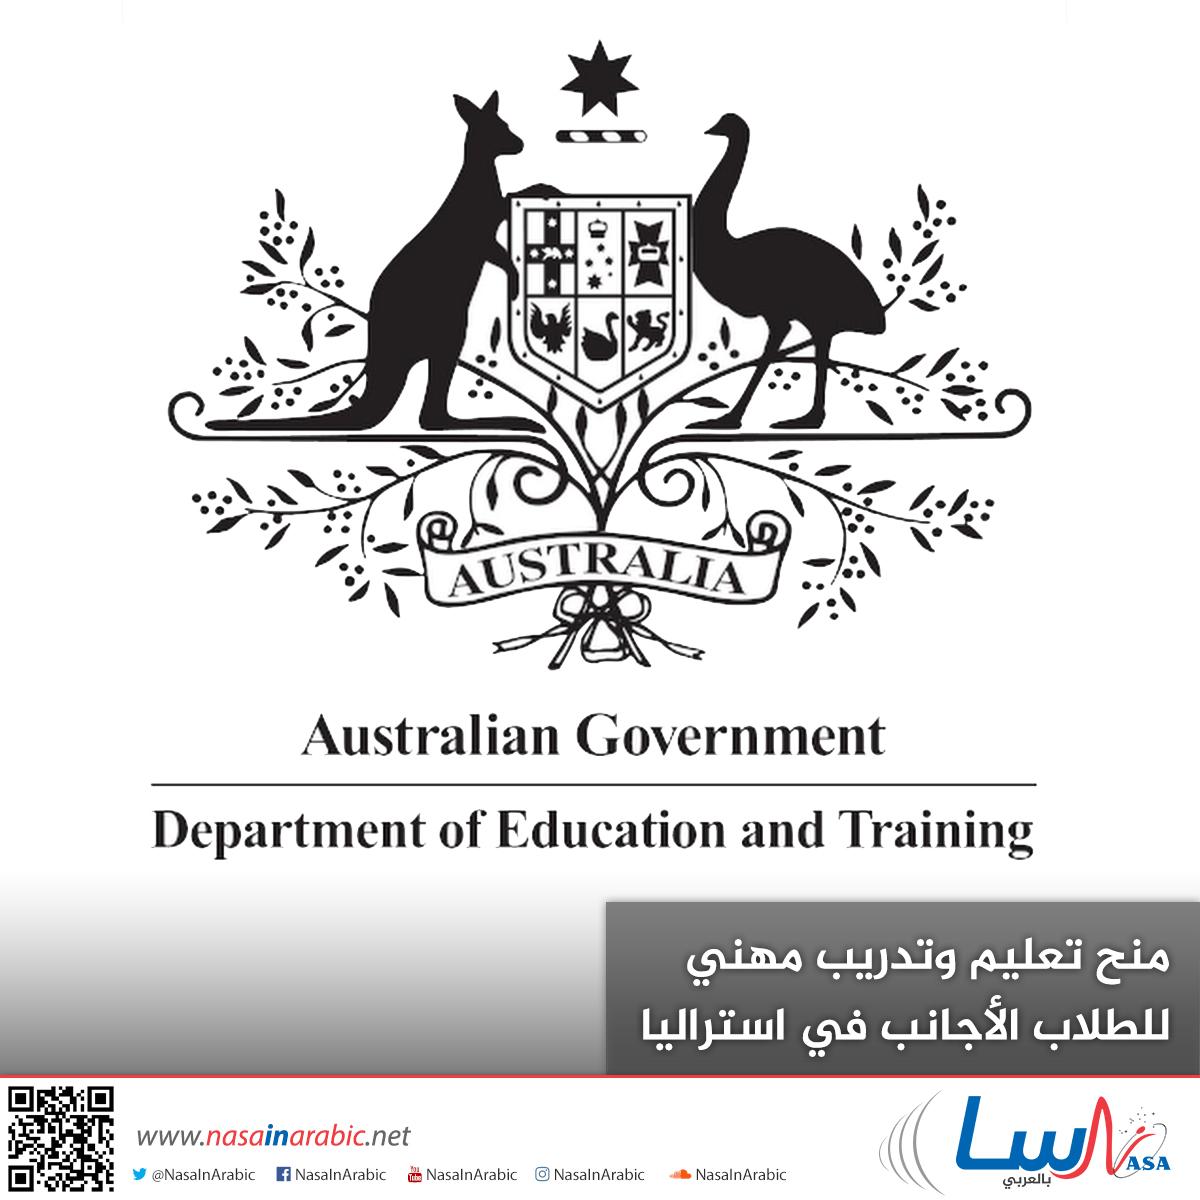 منح تعليم وتدريب مهني للطلاب الأجانب في استراليا